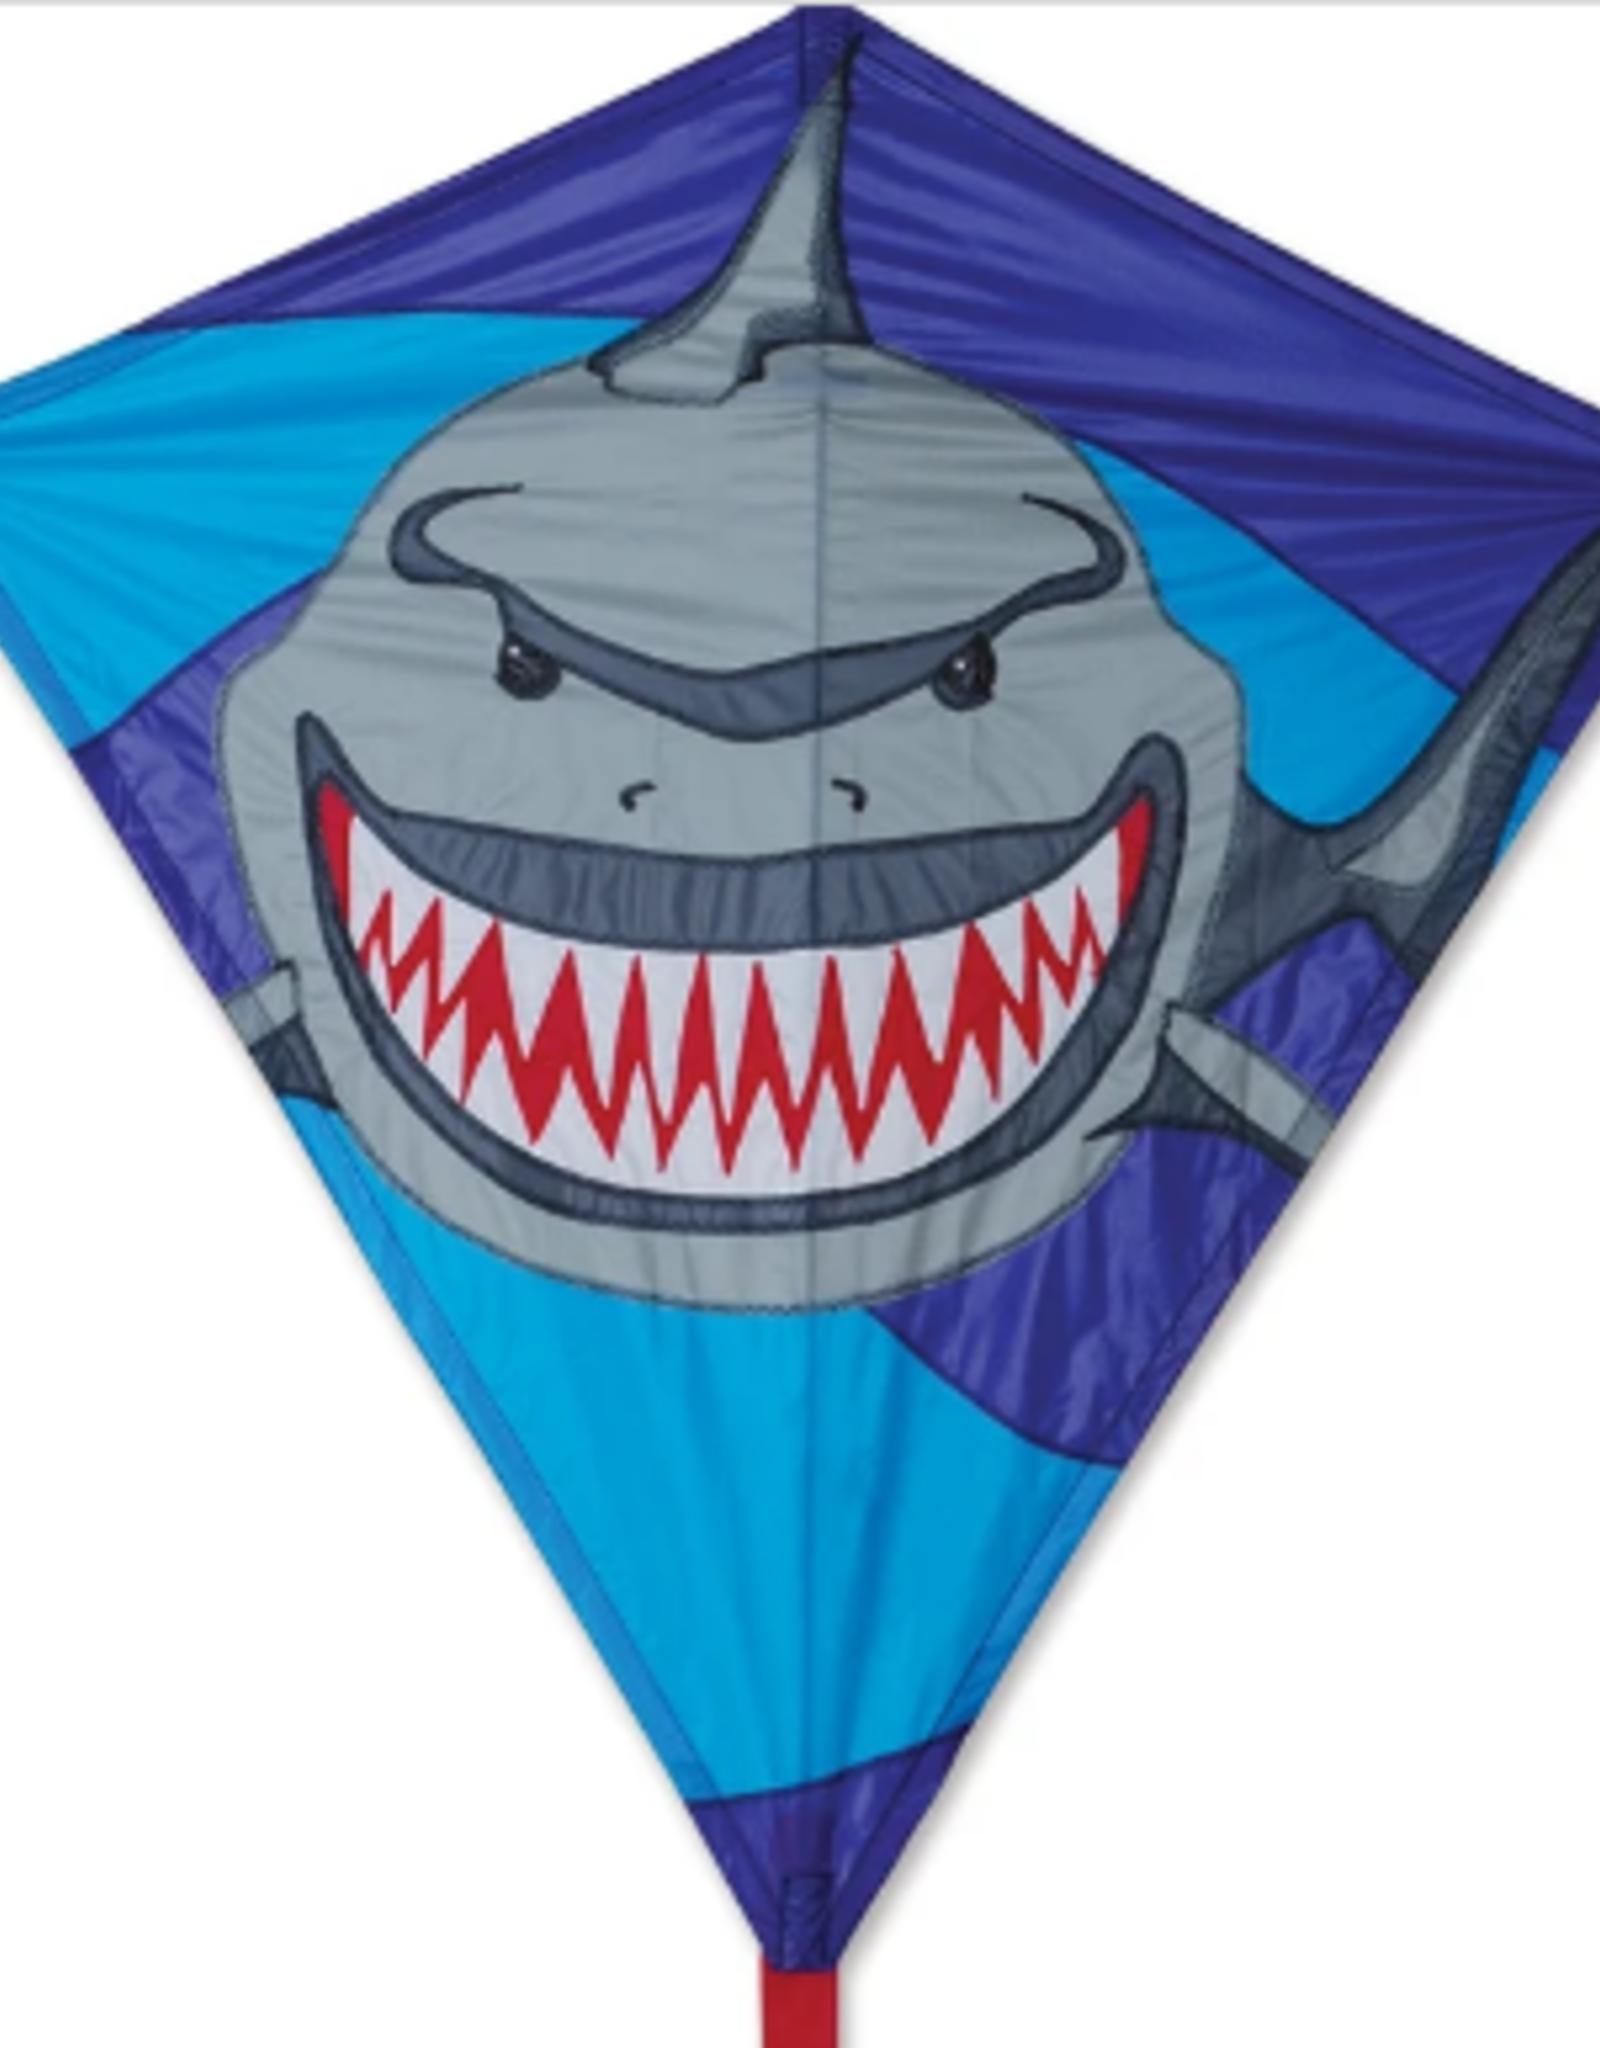 Premier Kites Kite: 30 IN. DIAMOND - JAWBREAKER